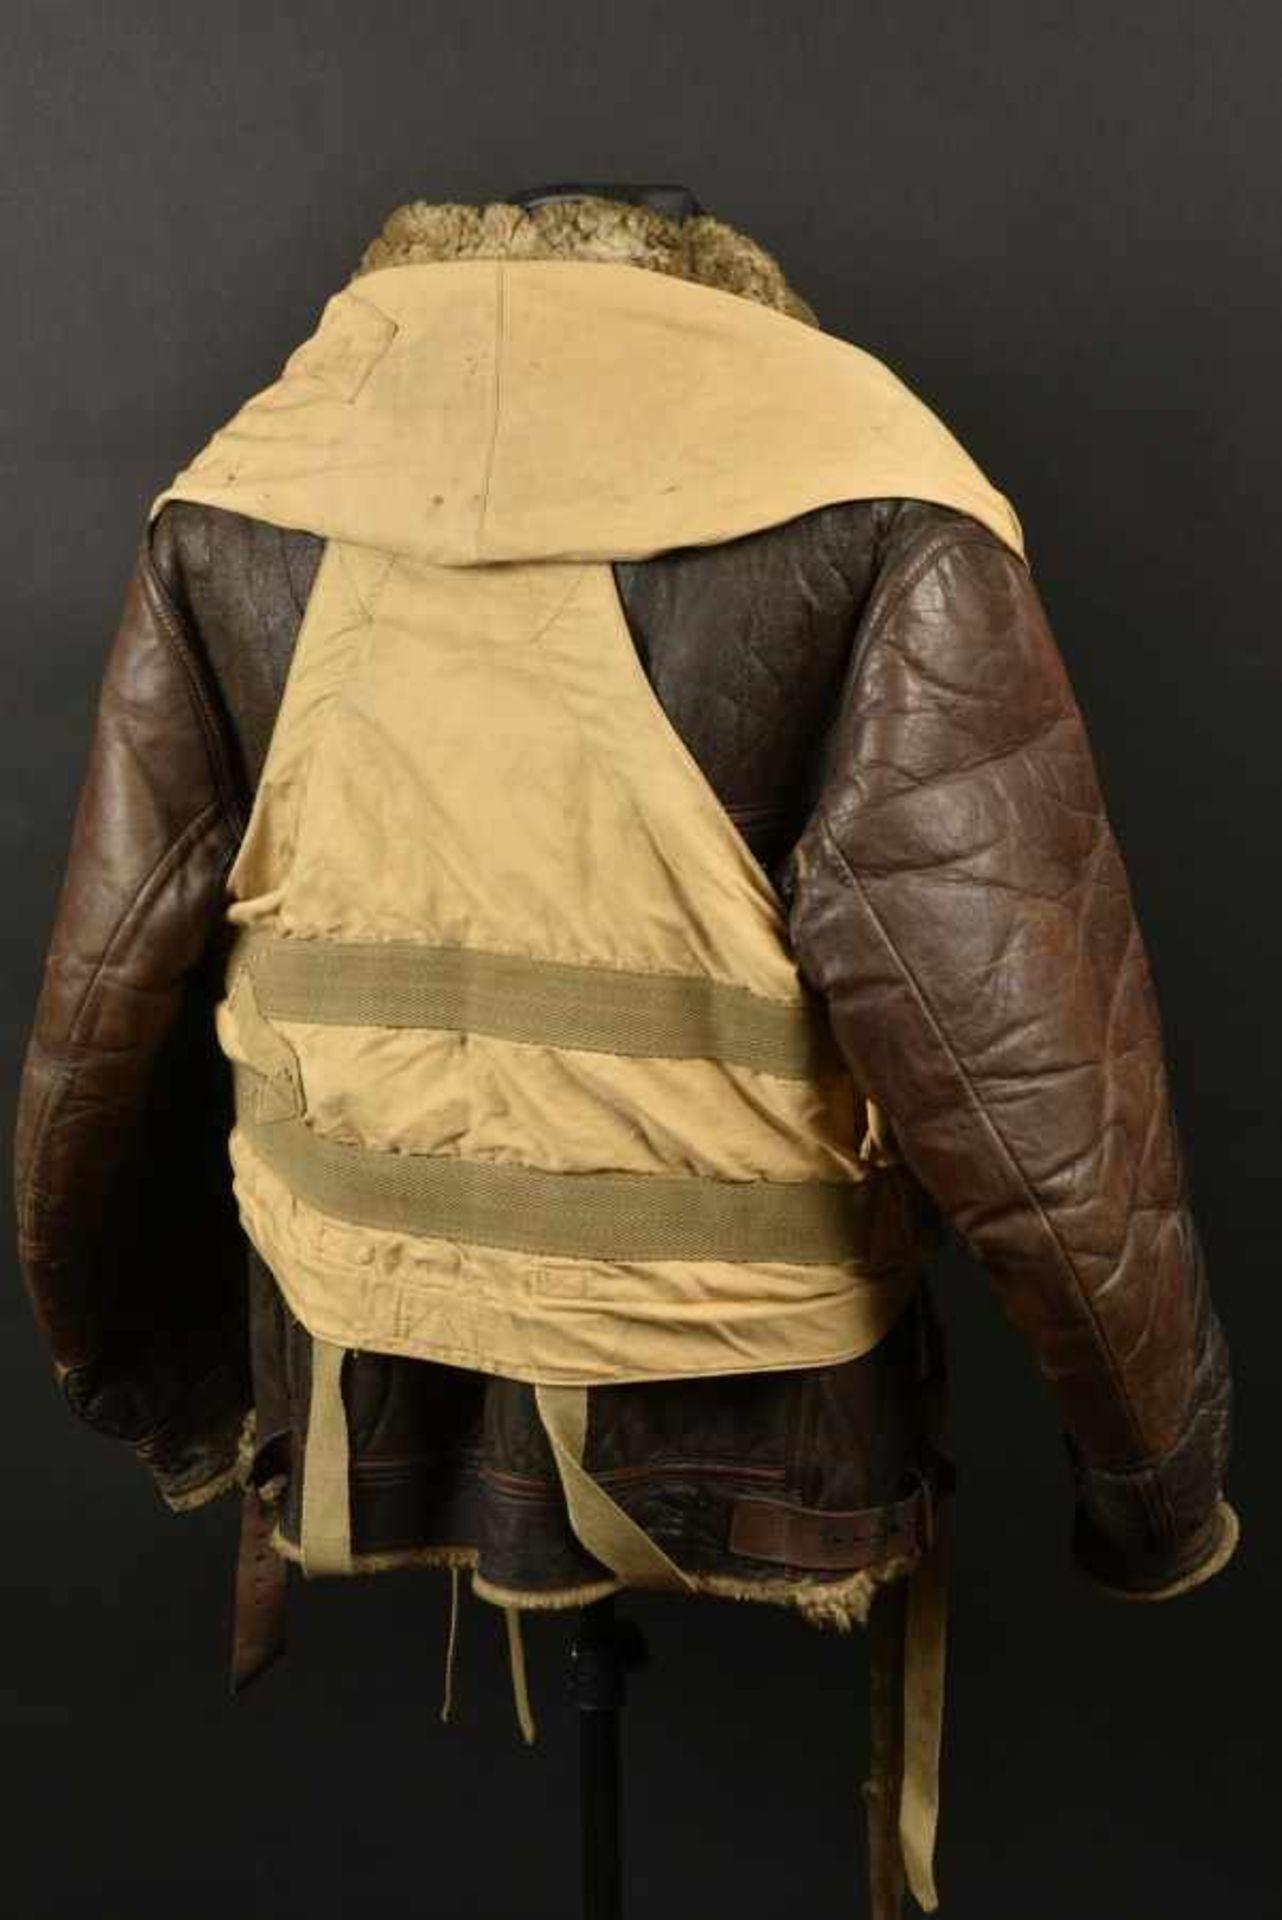 Blouson B3 et mae west provenant d'Ellon. B3 jacket and Mae West from EllonBlouson B3 en cuir - Bild 4 aus 4